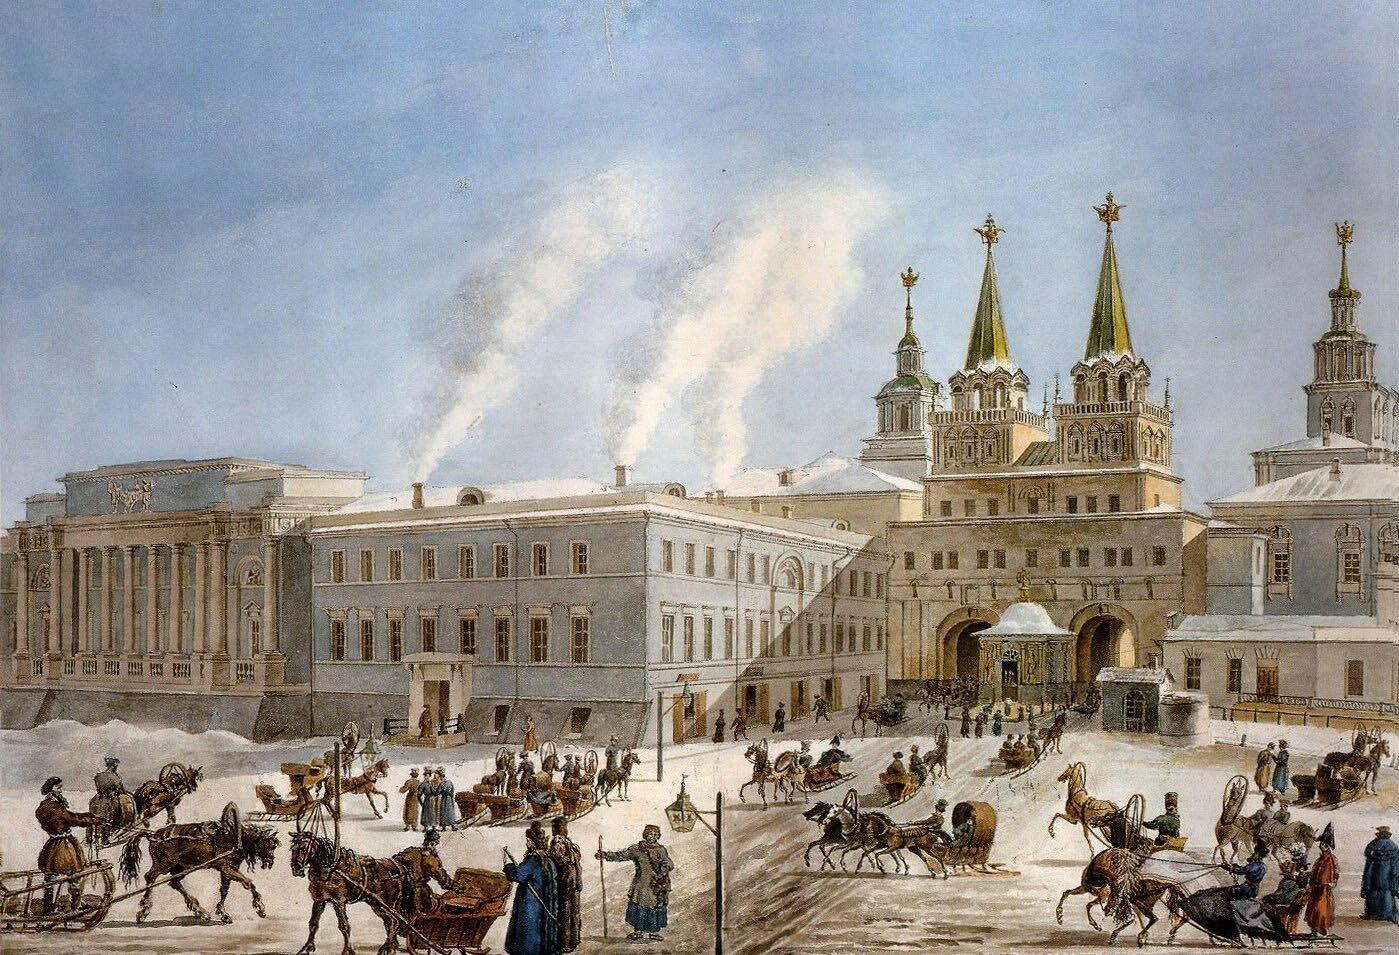 О. Кадоль. Воскресенские ворота и долговая тюрьма. 1823–1824 годы